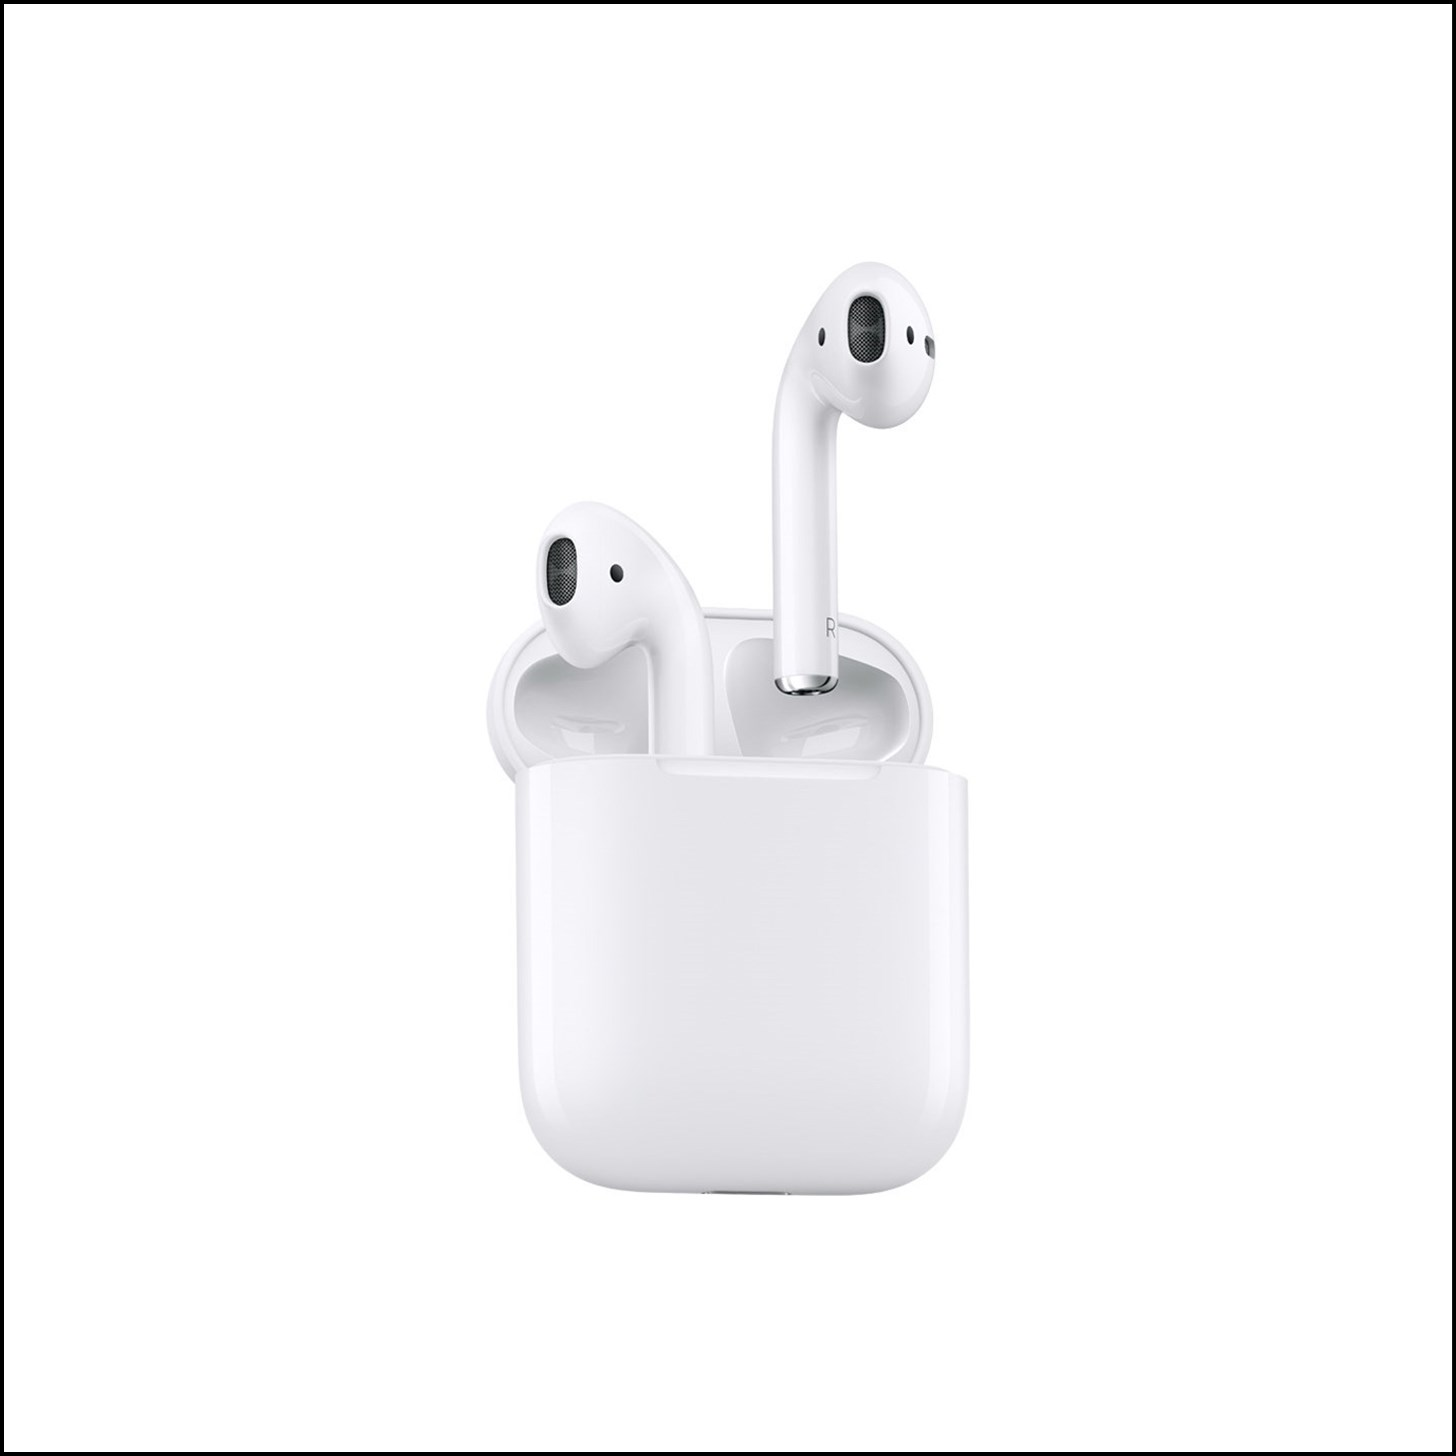 Tilbehør til Apple-produkter